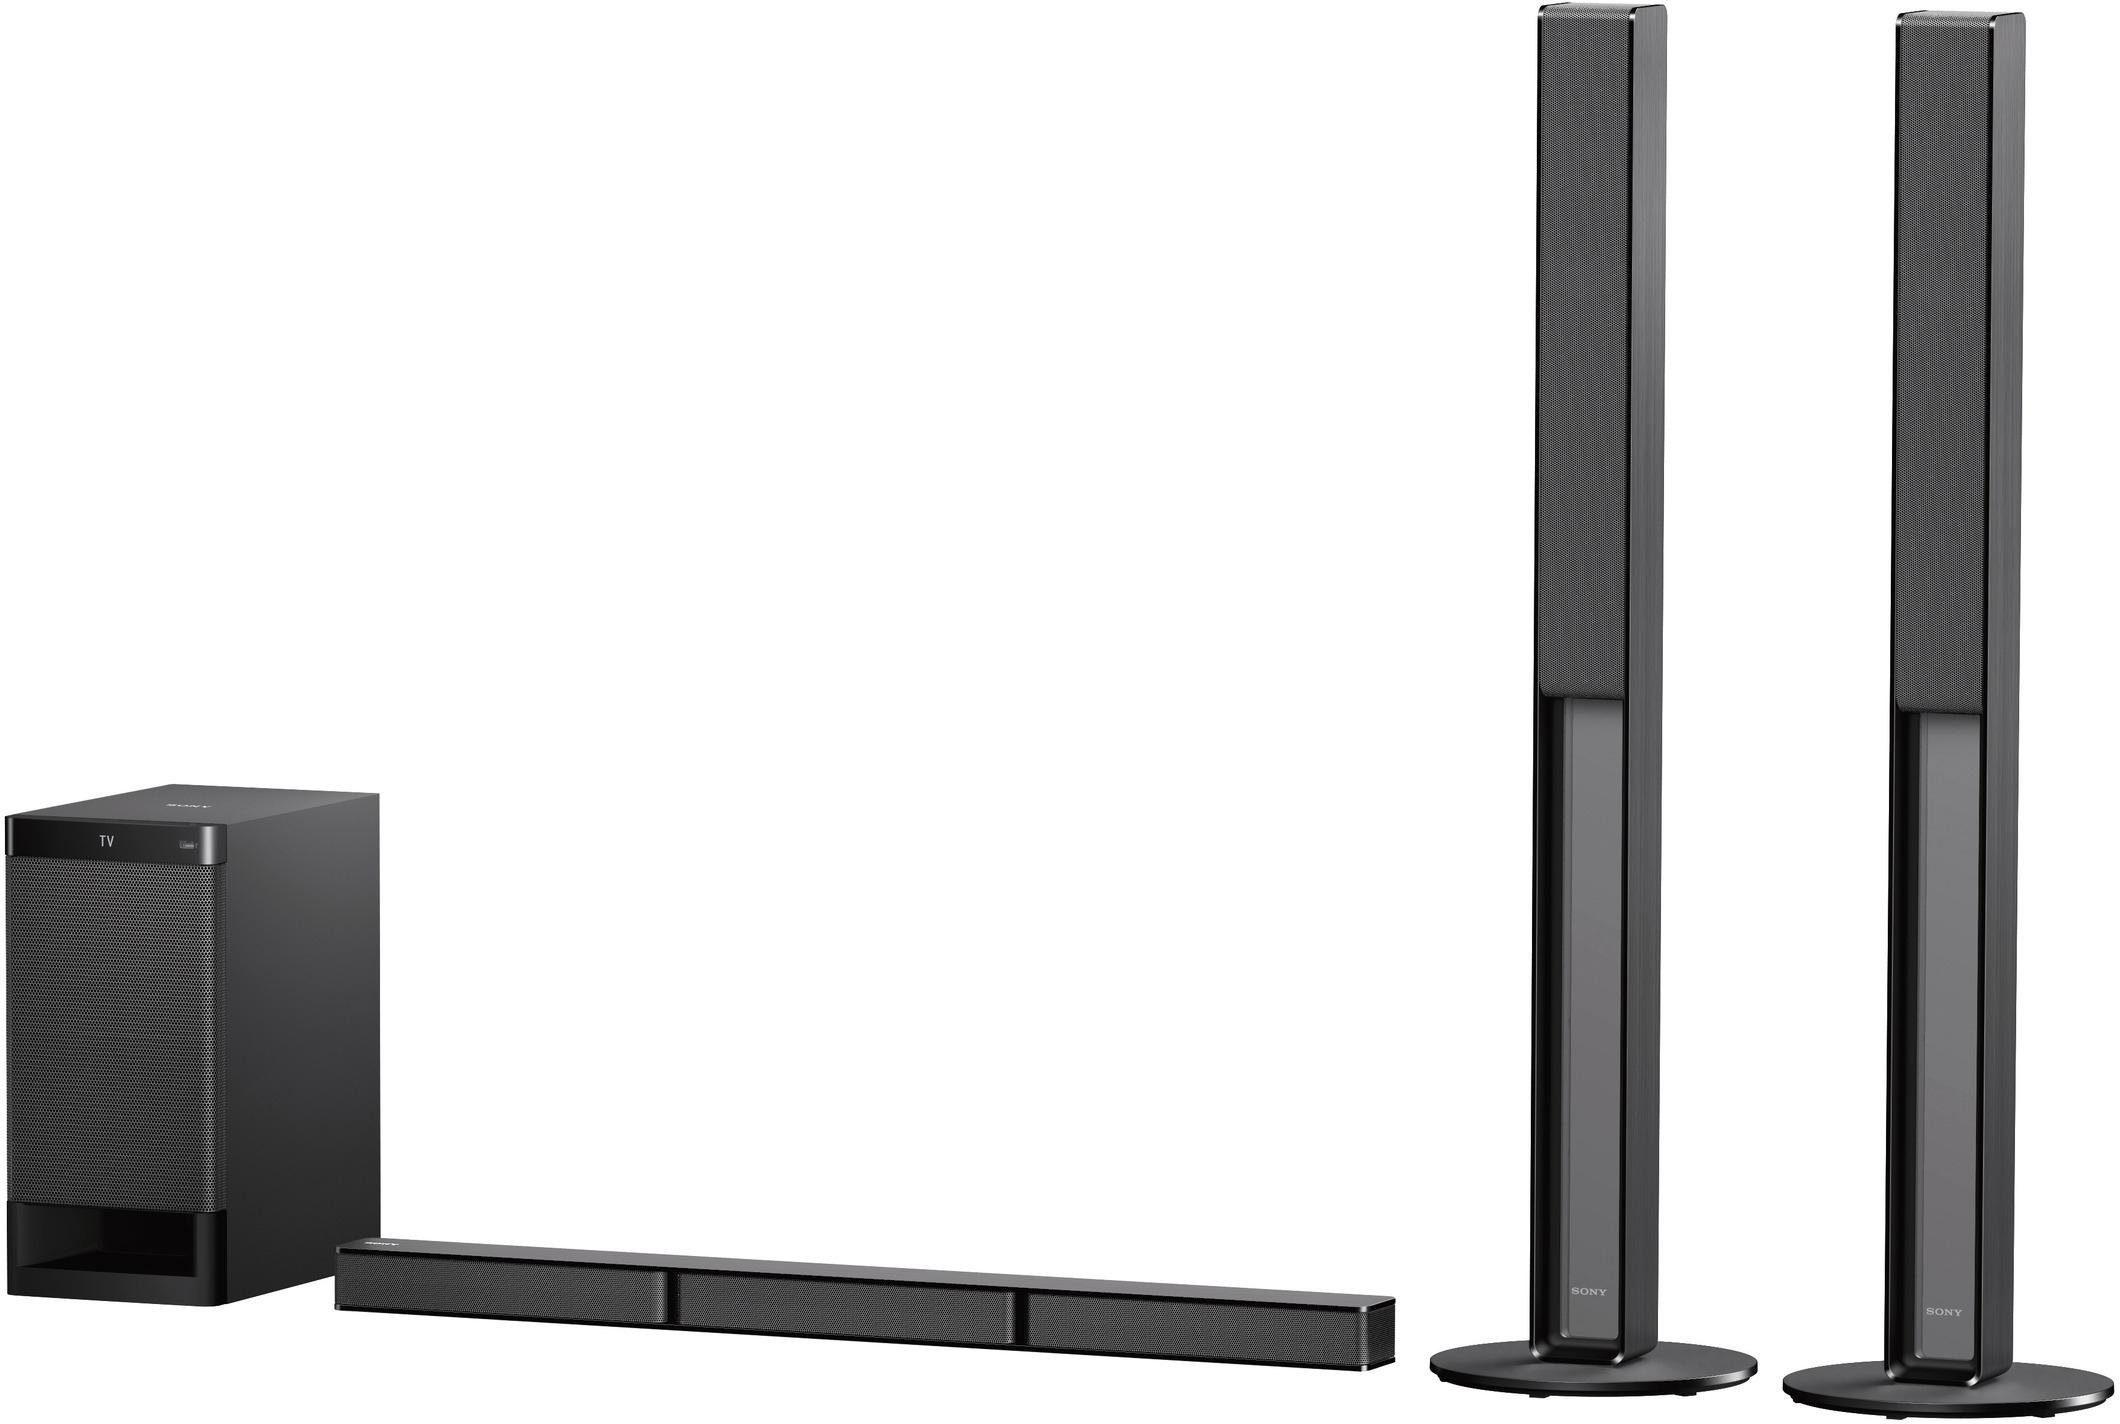 Sony Sony HT-RT4 5.1 Soundbar Soundbar (Hi-Res, Bluetooth, NFC)